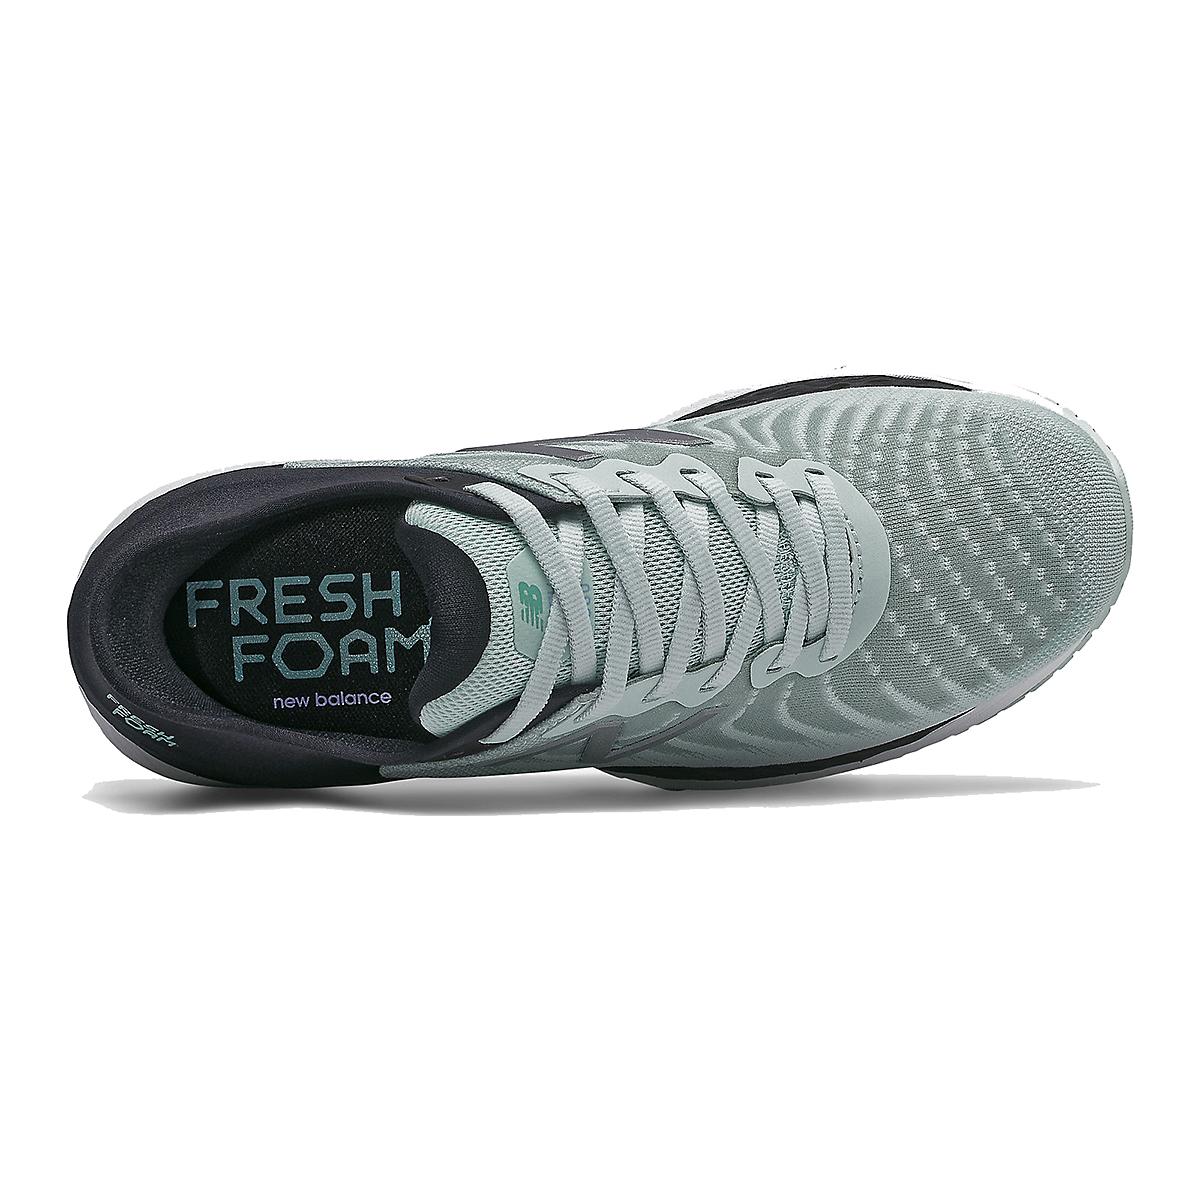 Women's New Balance Fresh Foam 860v11 Running Shoe - Color: Camden Fog - Size: 6 - Width: Regular, Camden Fog, large, image 4